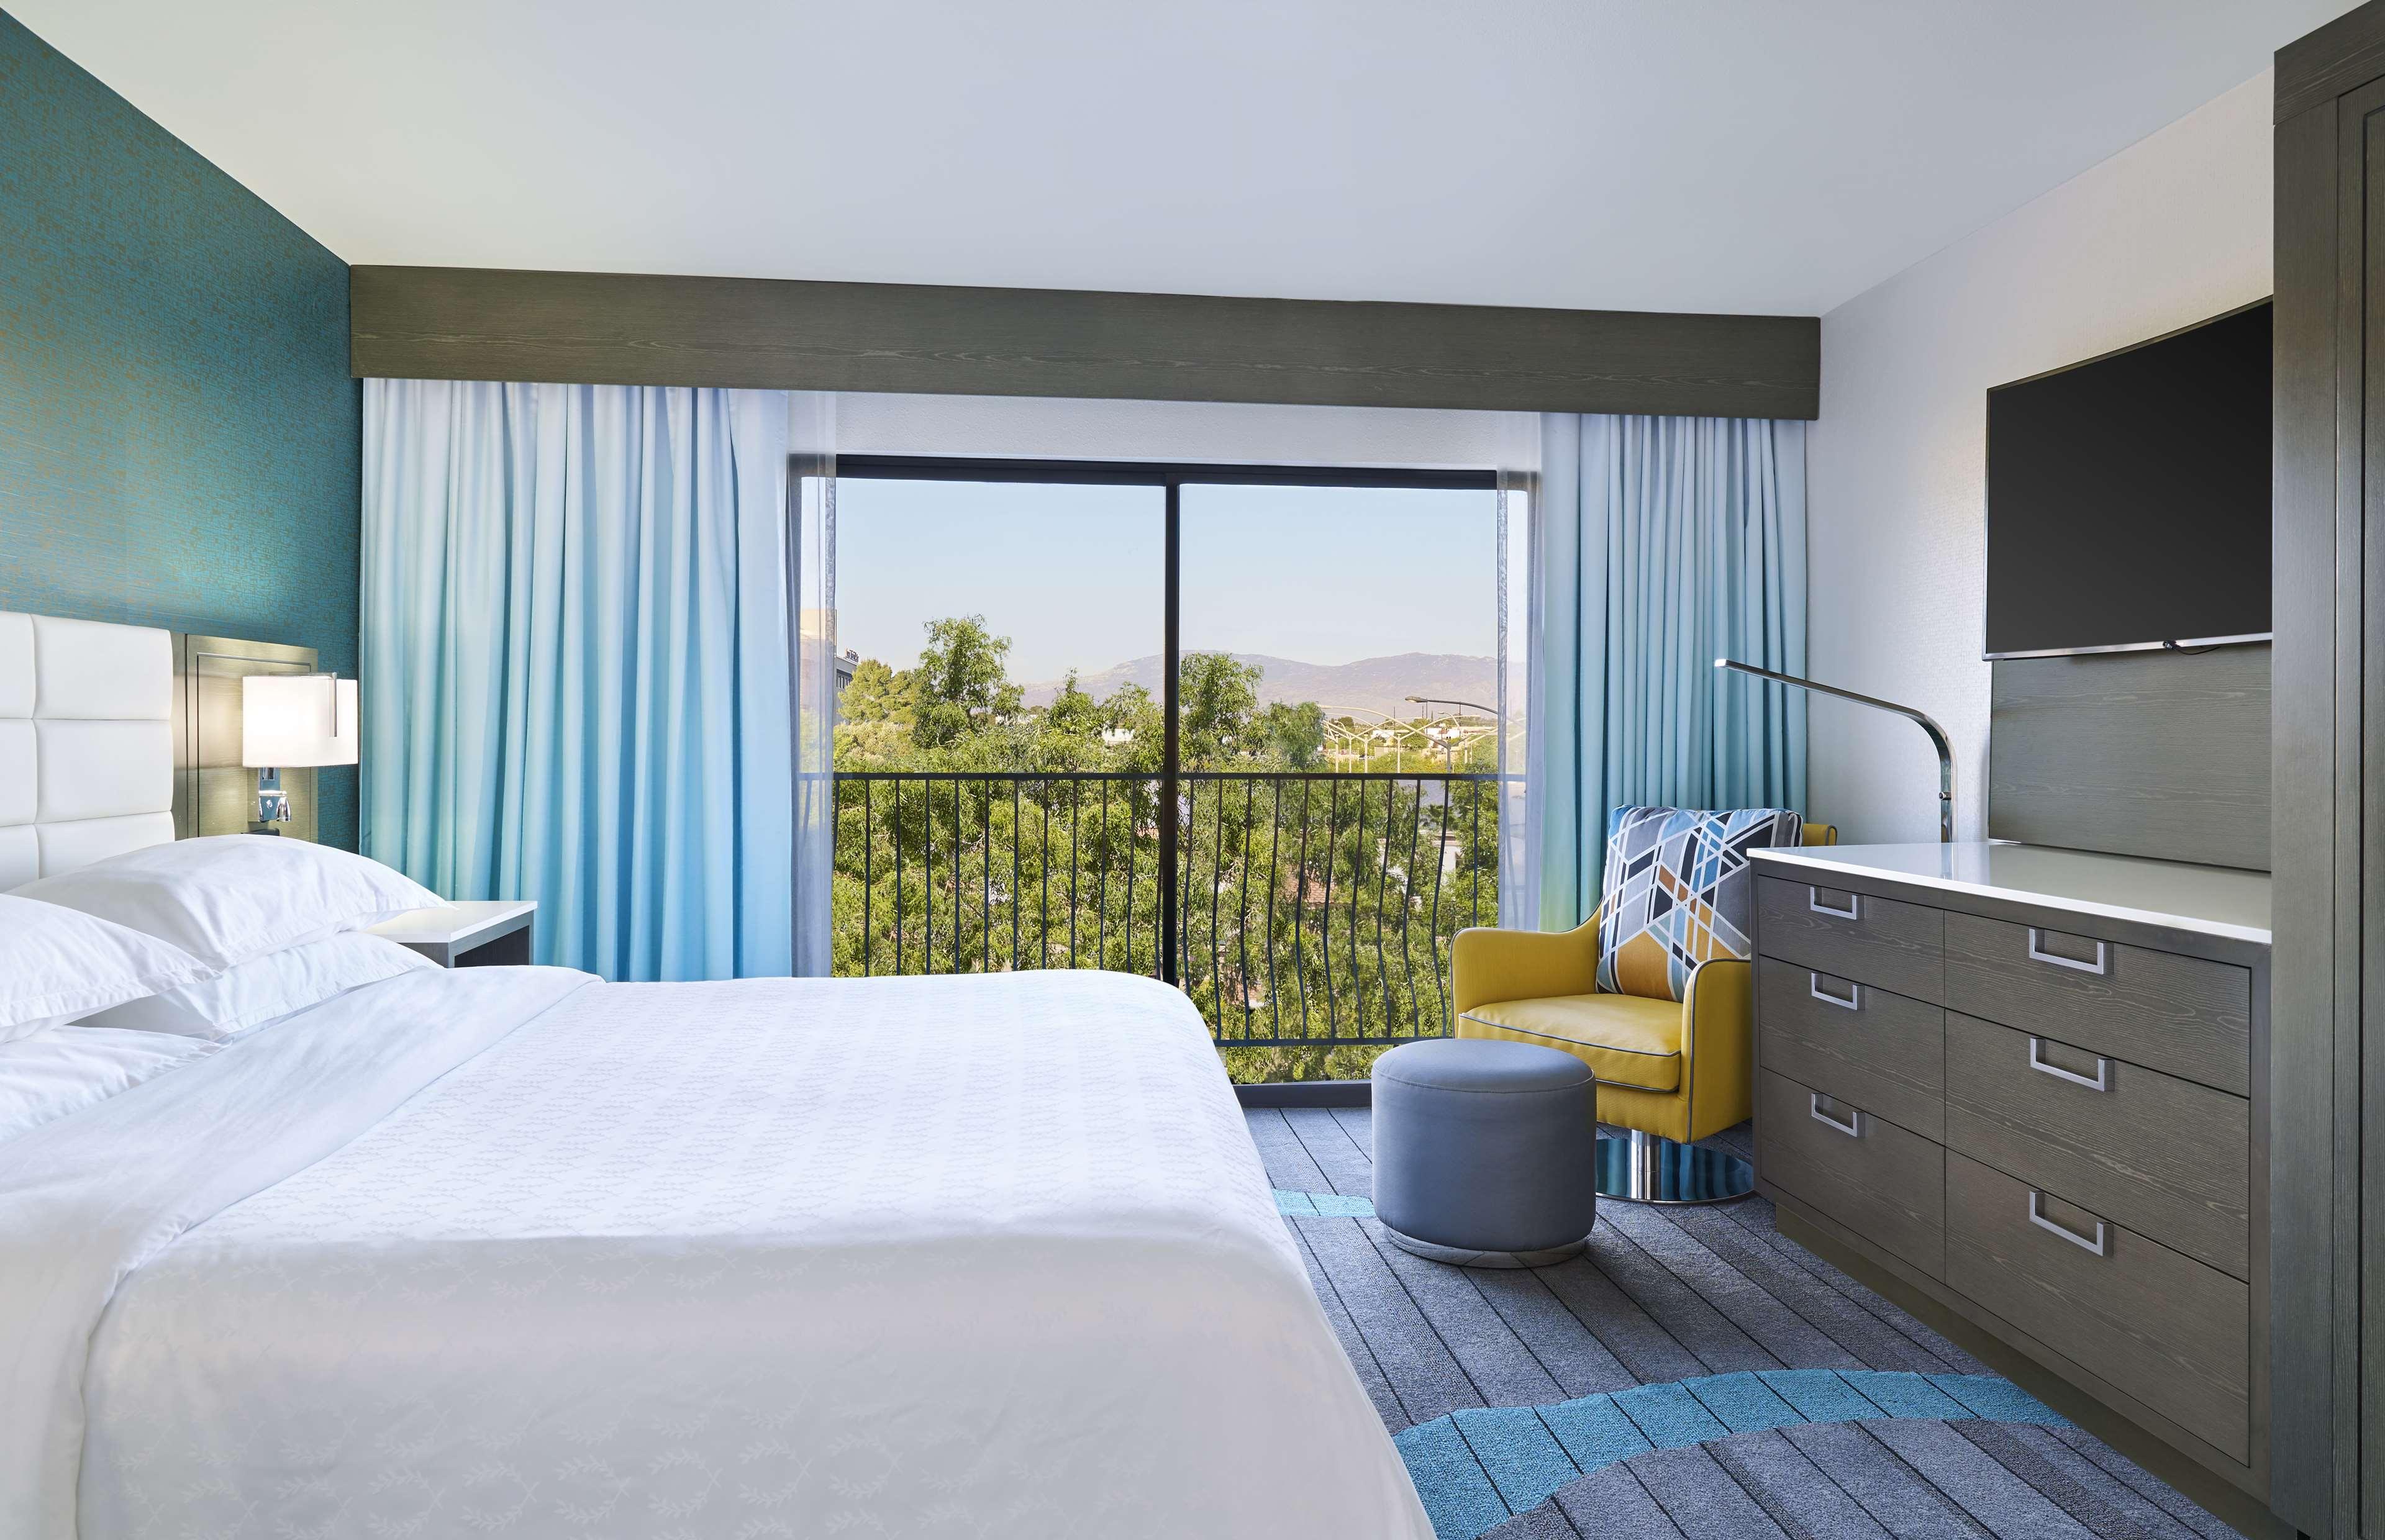 Sheraton Tucson Hotel & Suites image 15